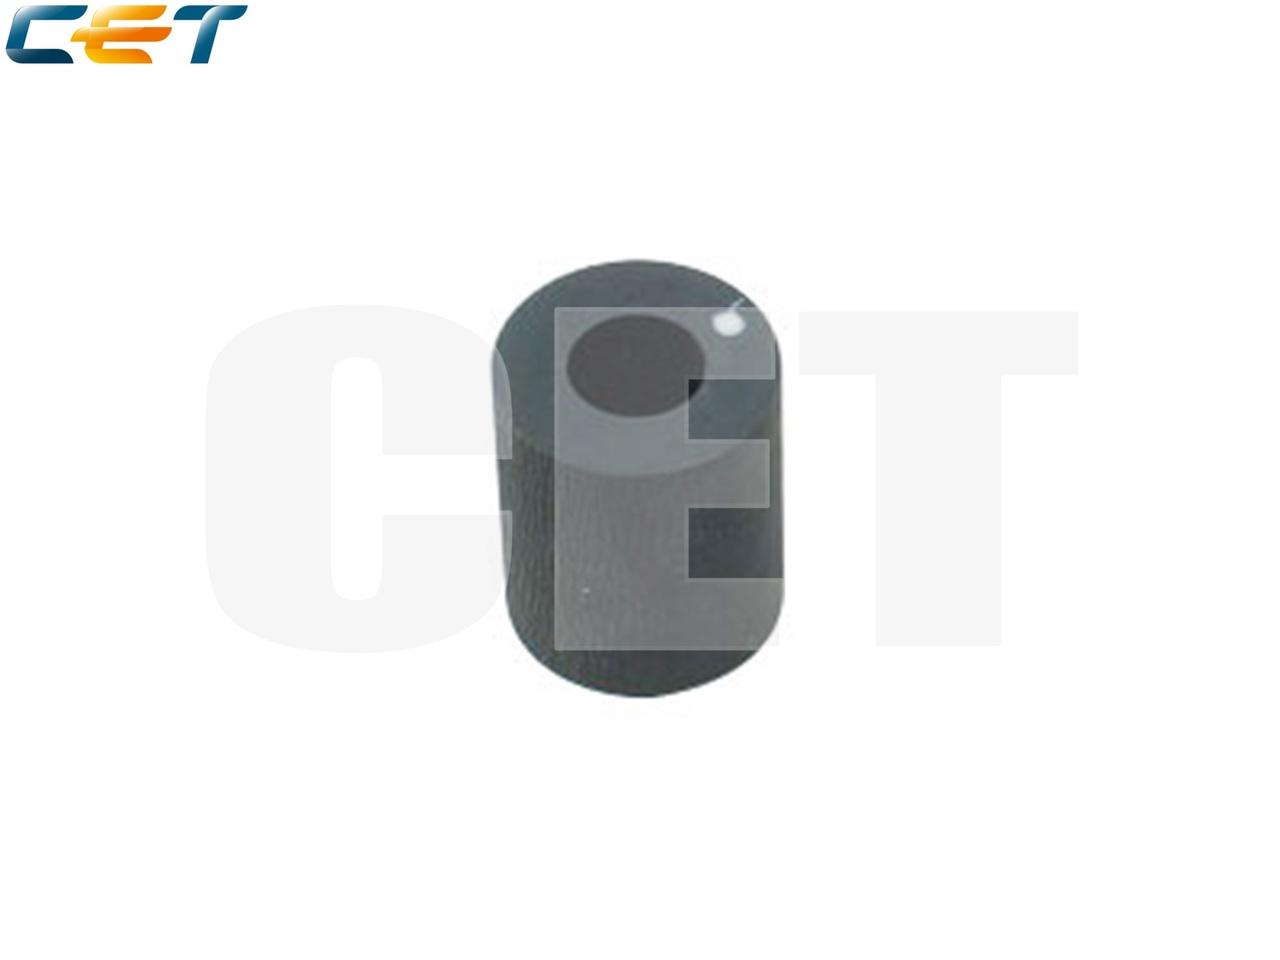 Резинка ролика подачи AF03-1035, AF03-1036, AF03-1049 дляRICOH Aficio 1035/1045 (CET), CET6018